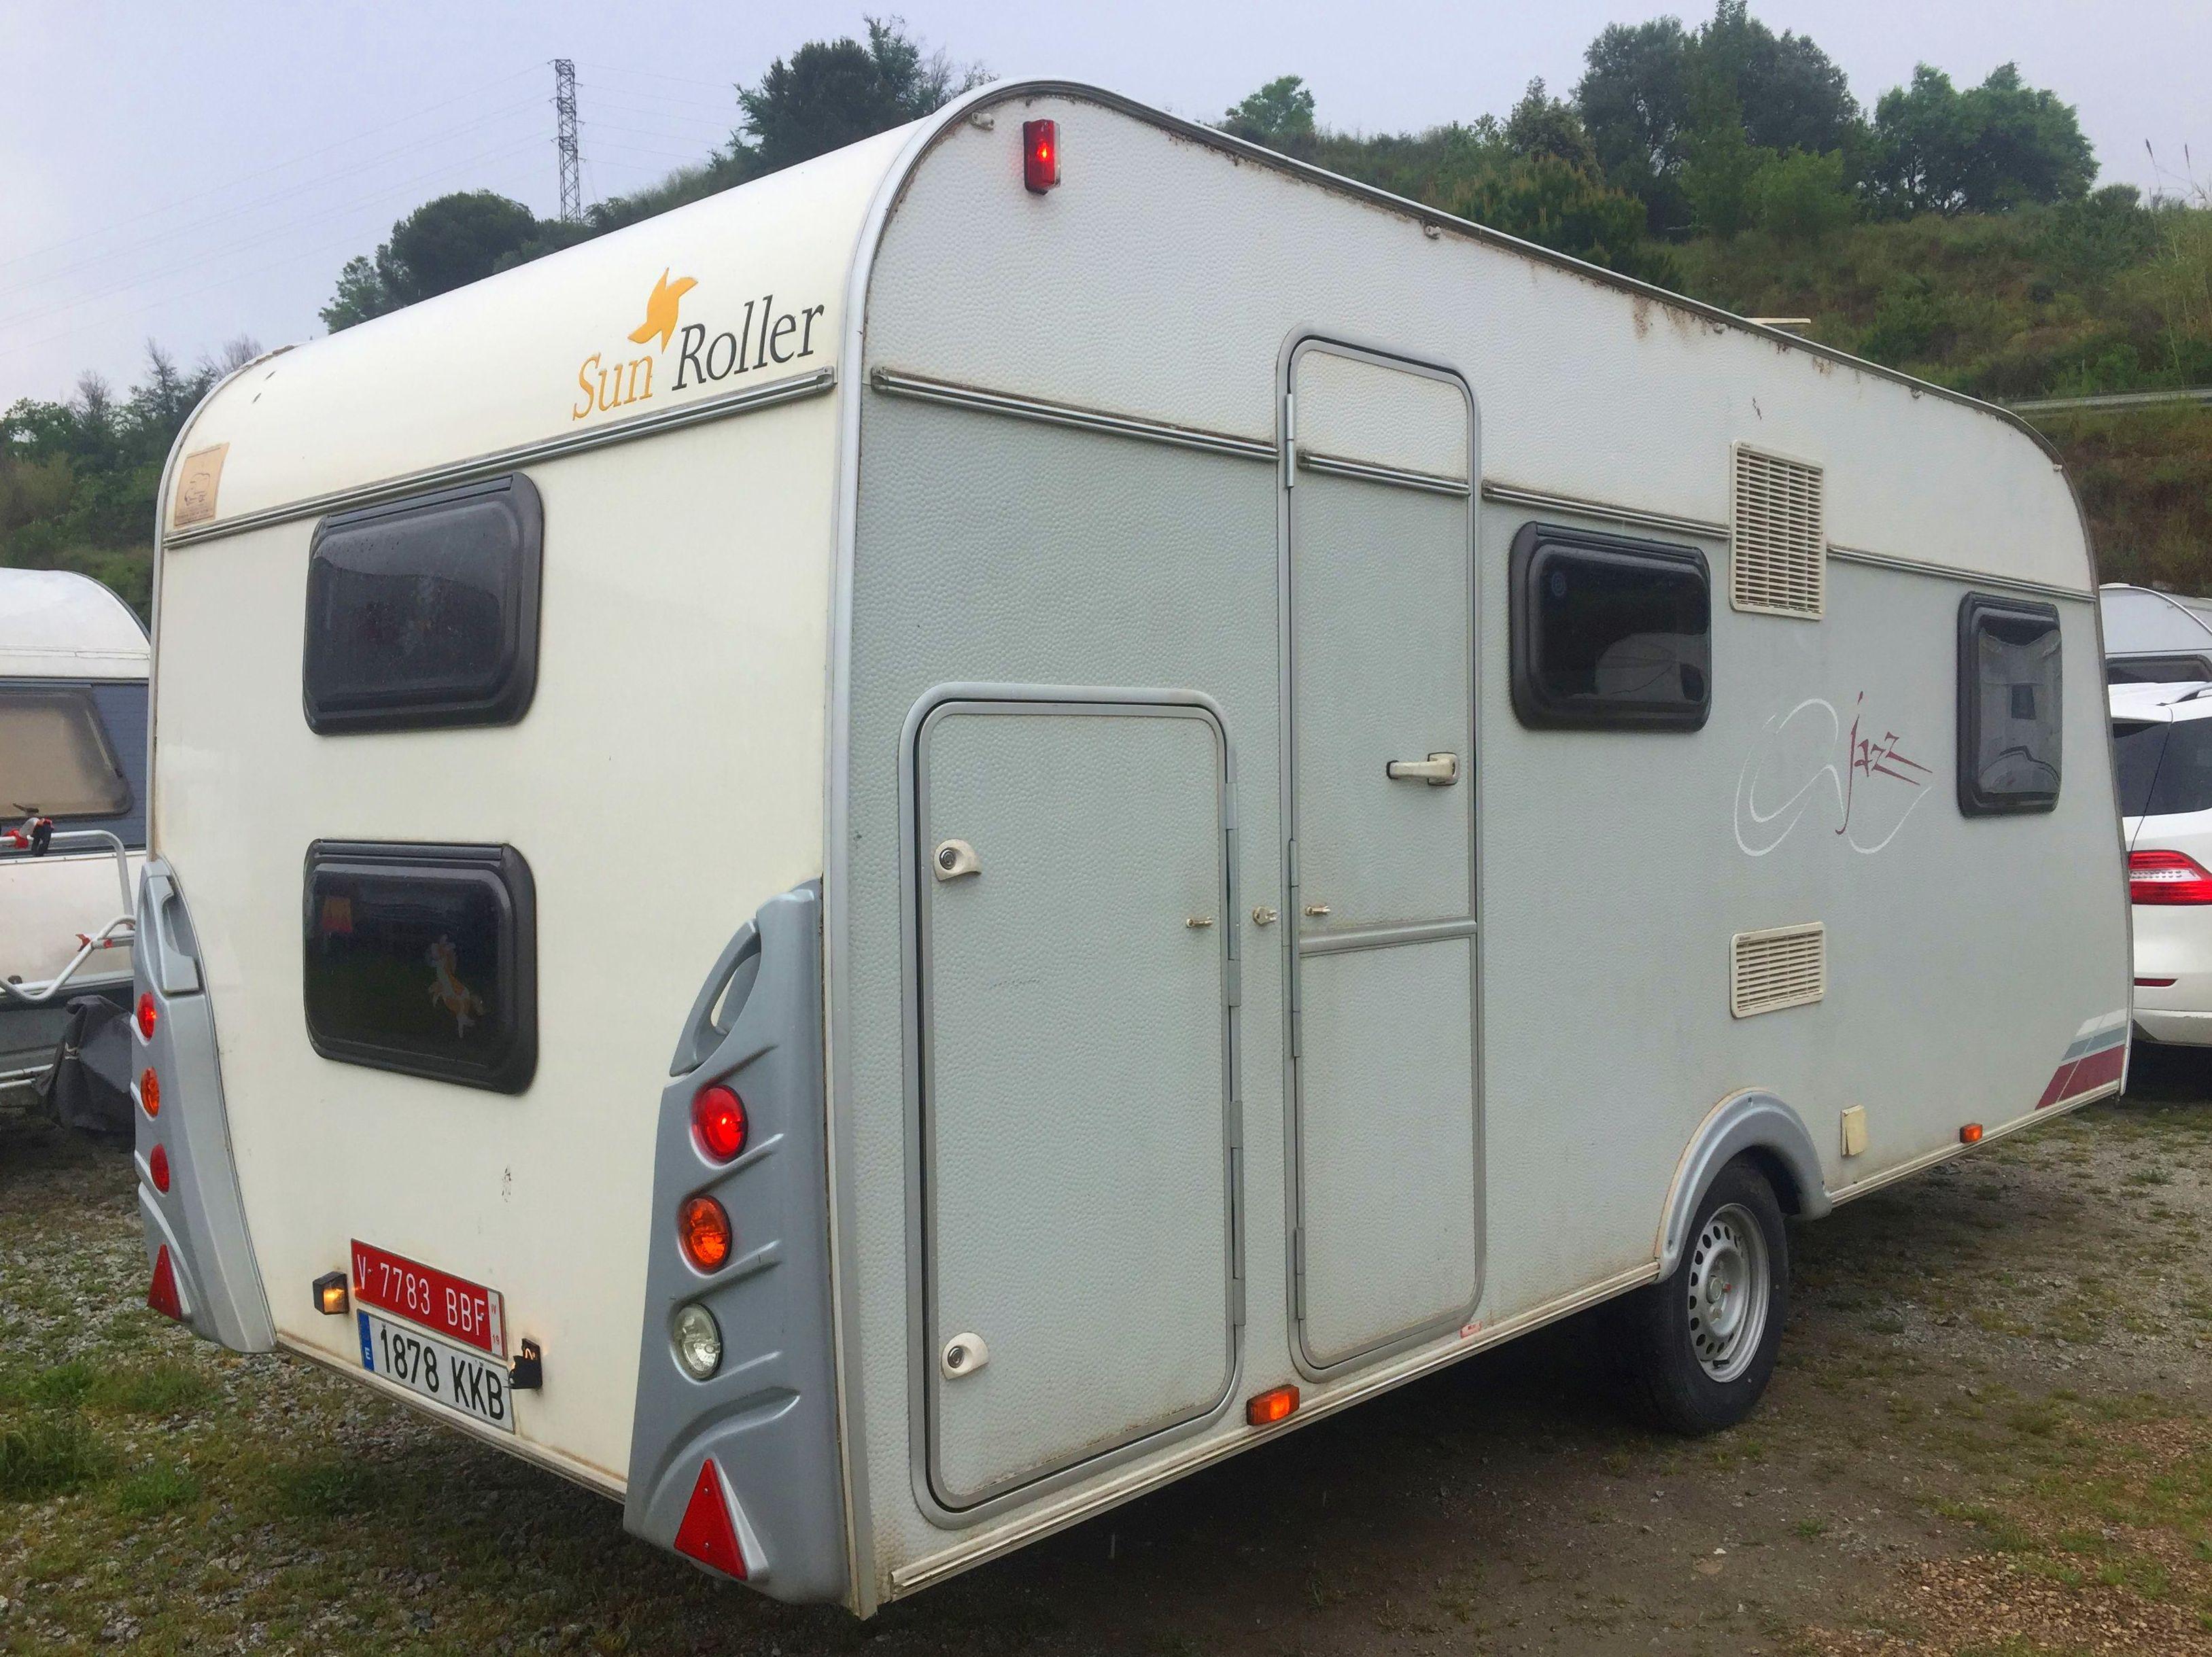 vendida vendida: Caravanas de ocasión de Caravanas Granollers